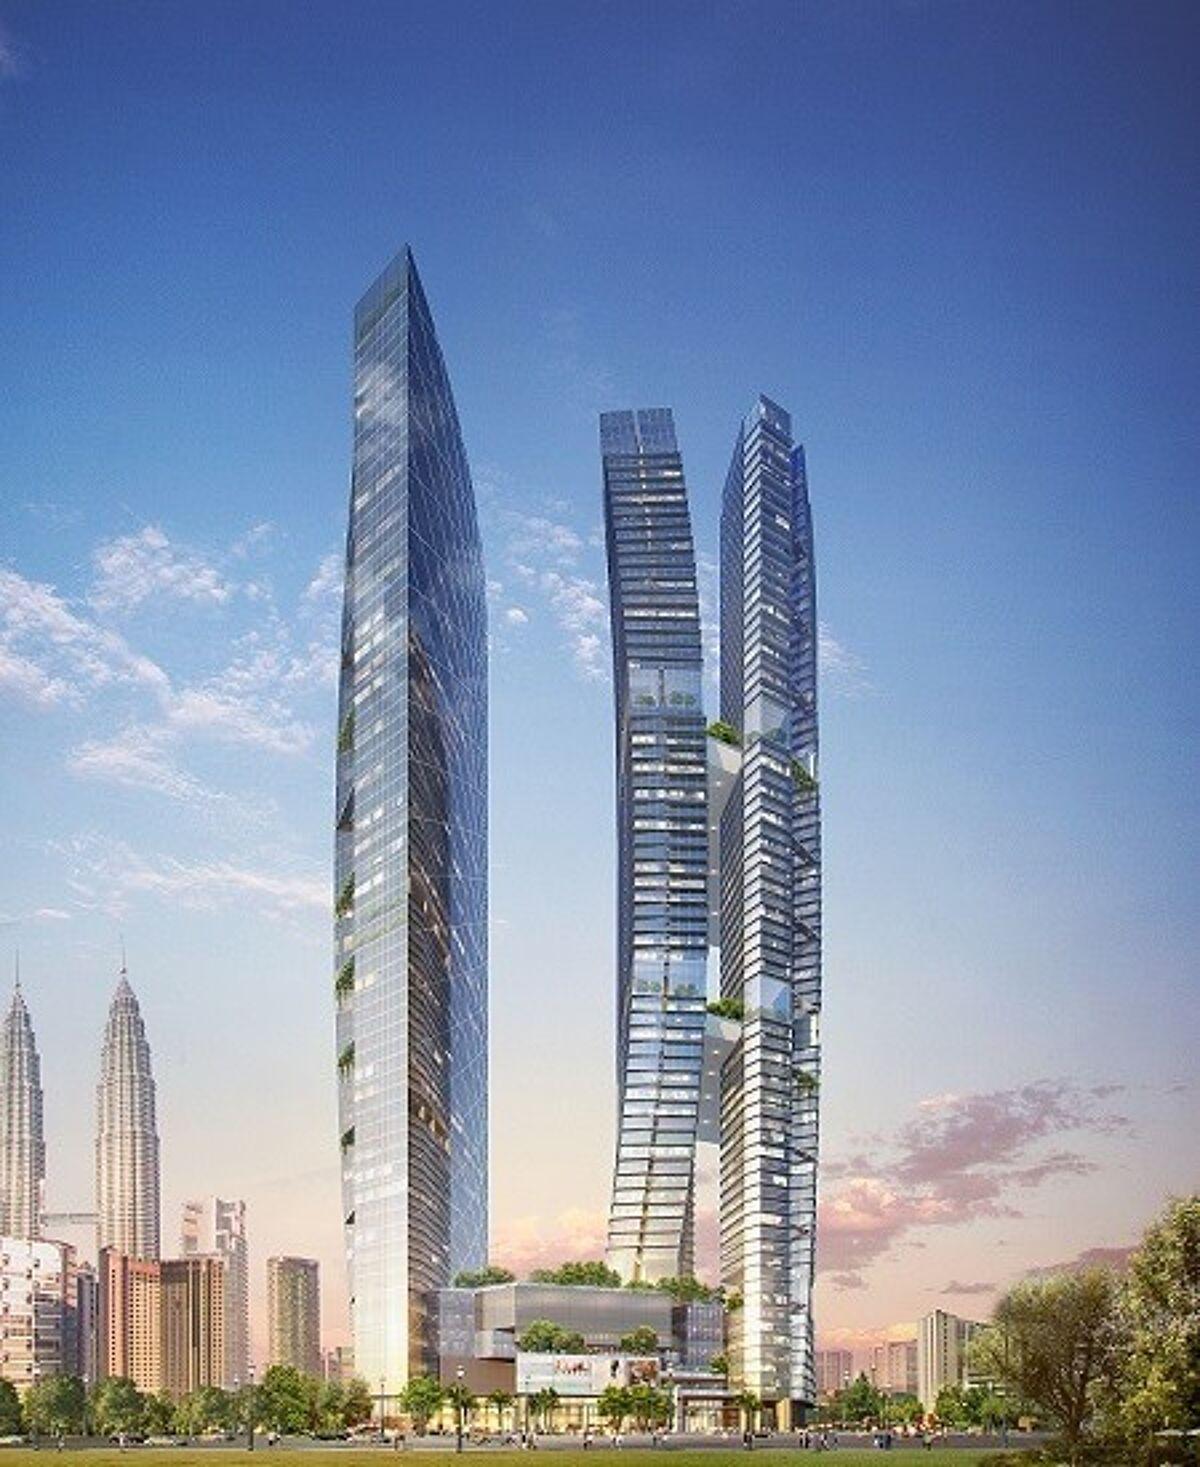 Apartment For Sale In 8 Conlay Jalan Conlay Kuala Lumpur Myyoo8atconlay Knight Frank